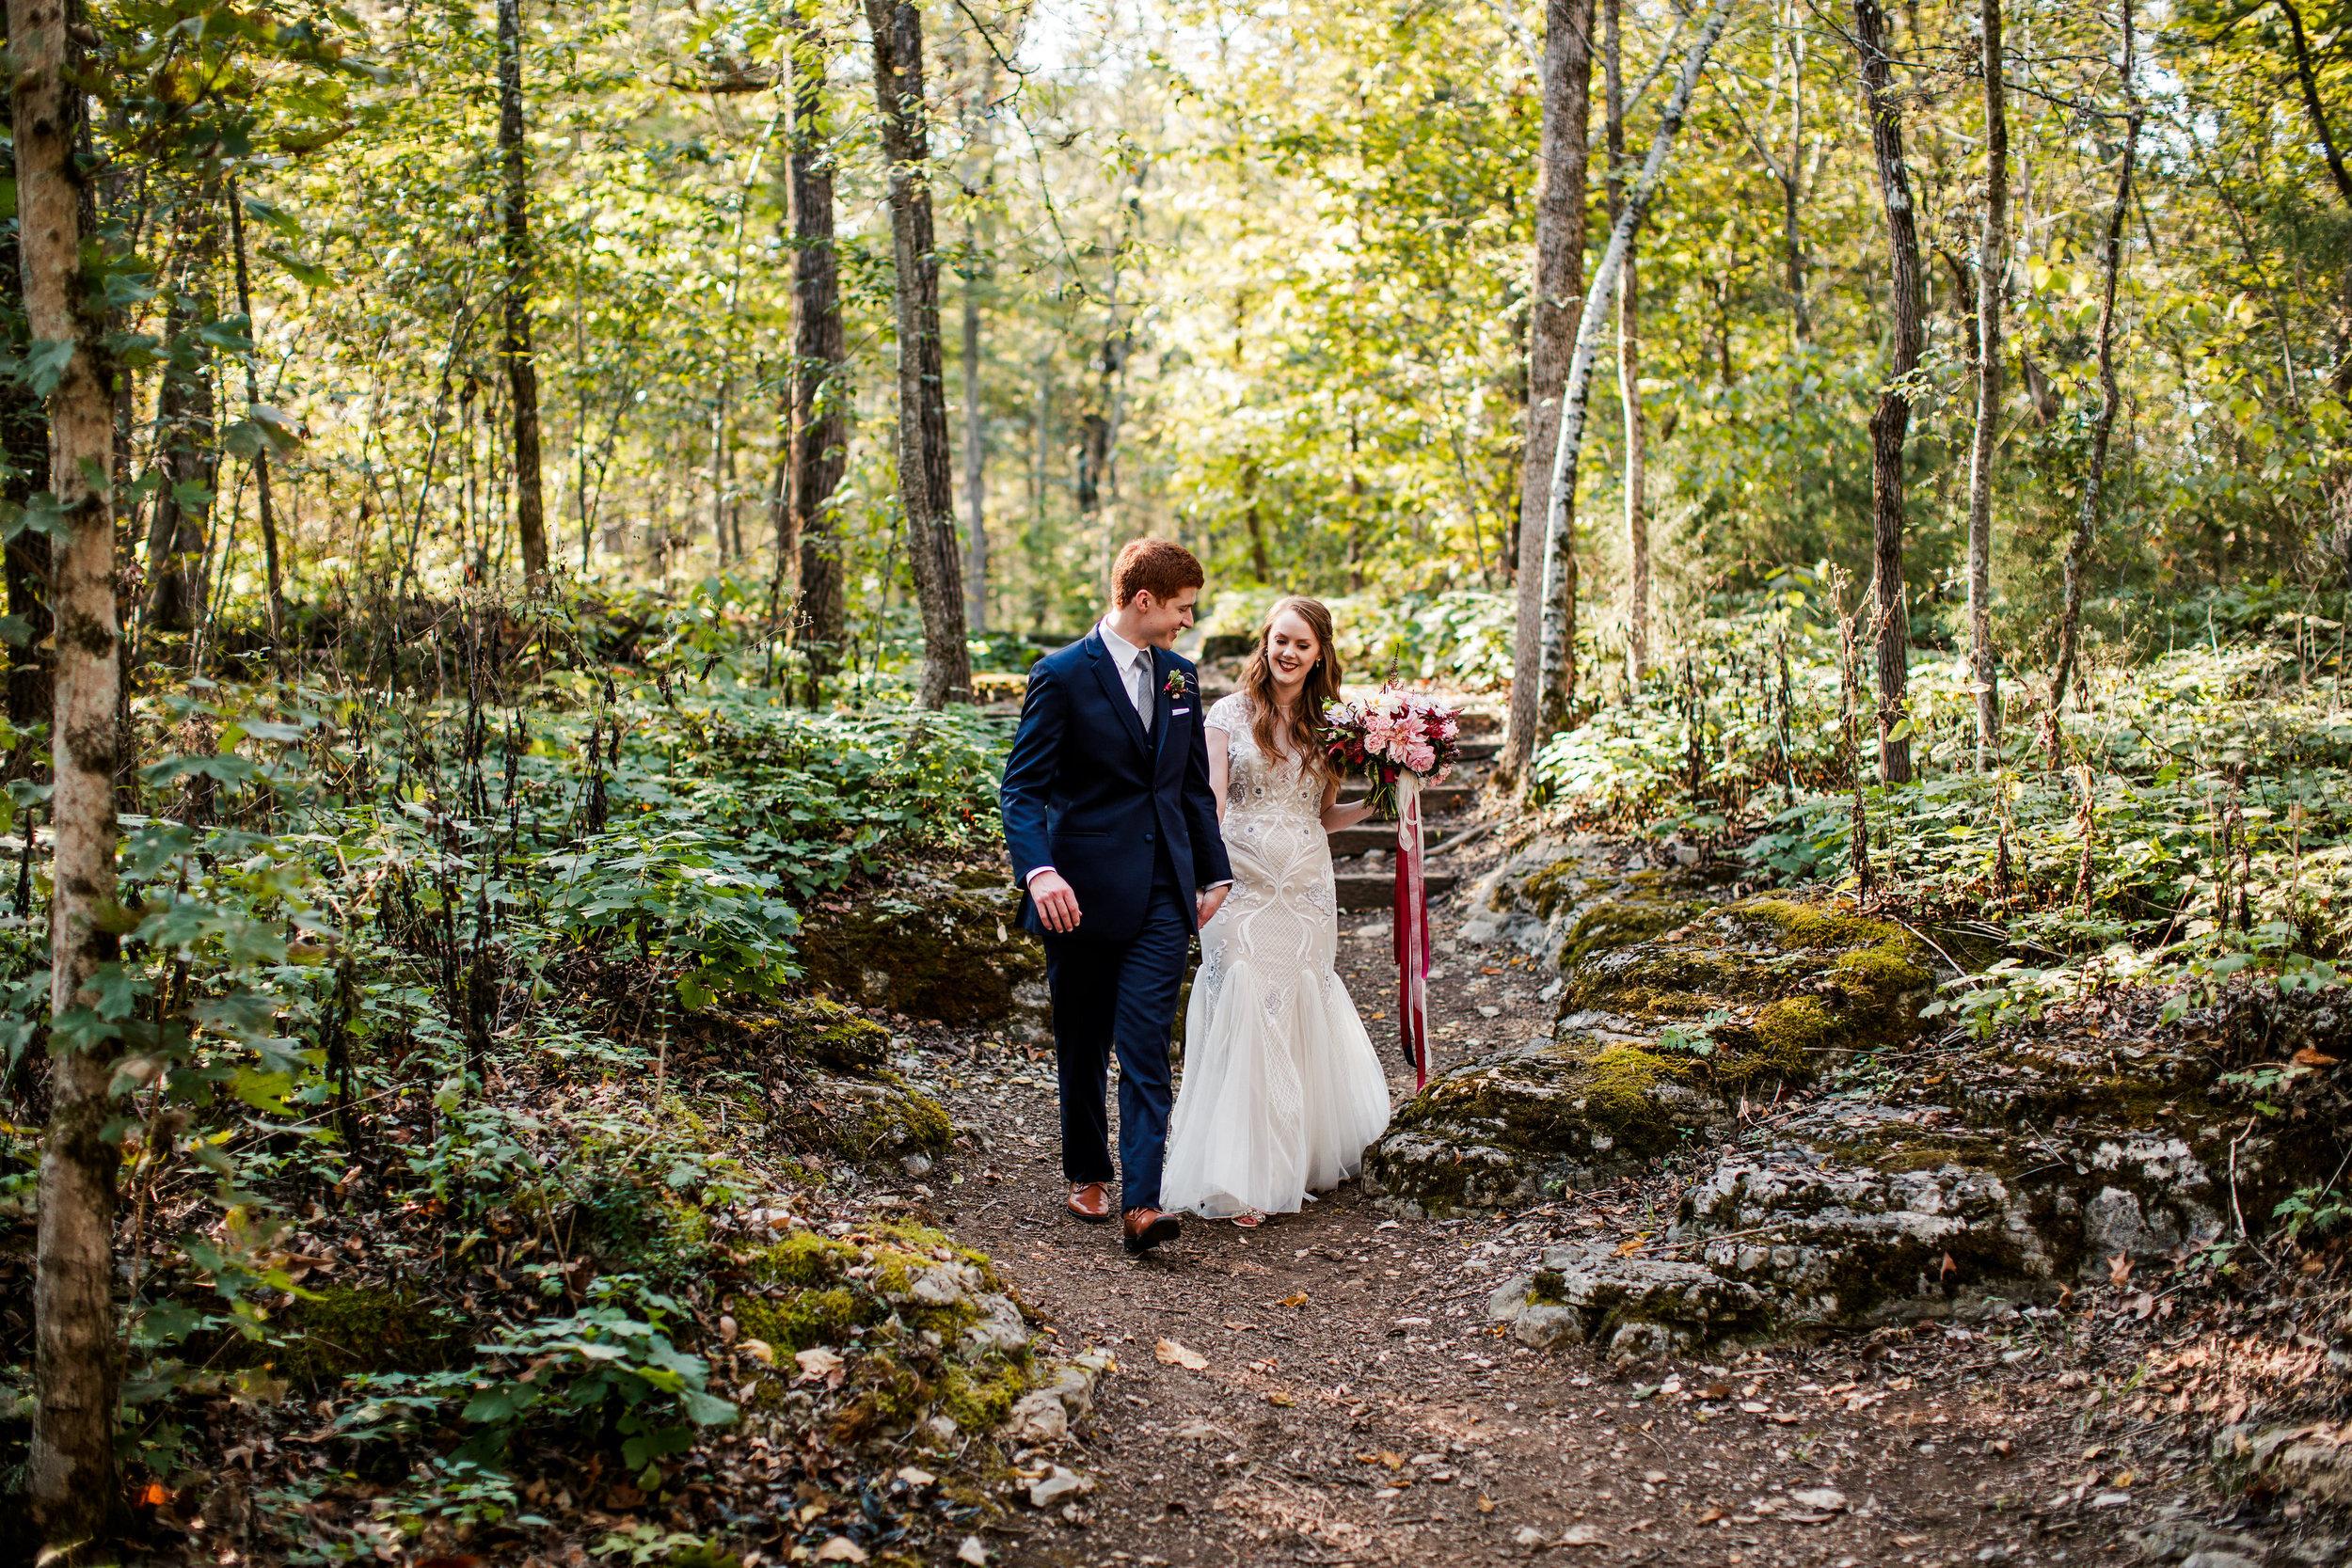 Wrens-Nest-Wedding-Murfreesboro-TN 27.jpg